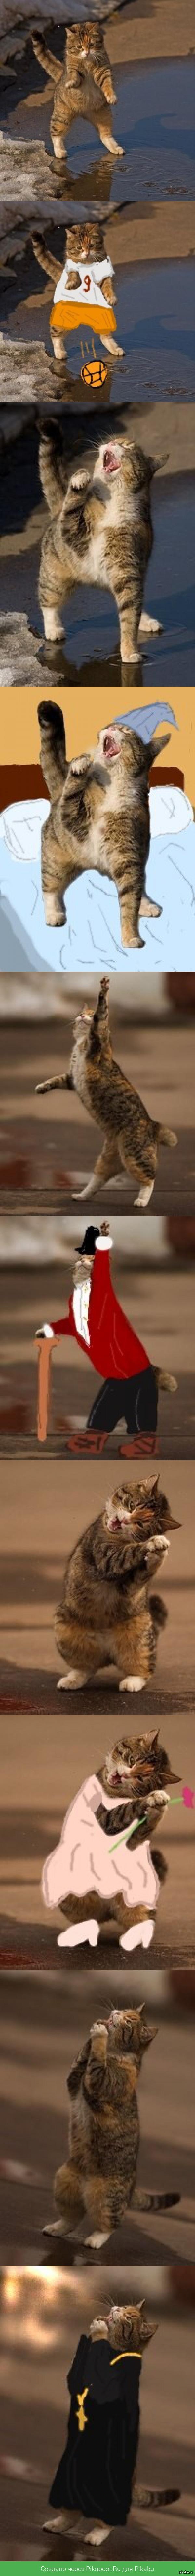 Весенние котейки Пару лет назад взял баянного кота и отпаинтил в телефоне. Картинки много раз скачивались-перекачивались, качество зашакаливает, простите меня великодушно)